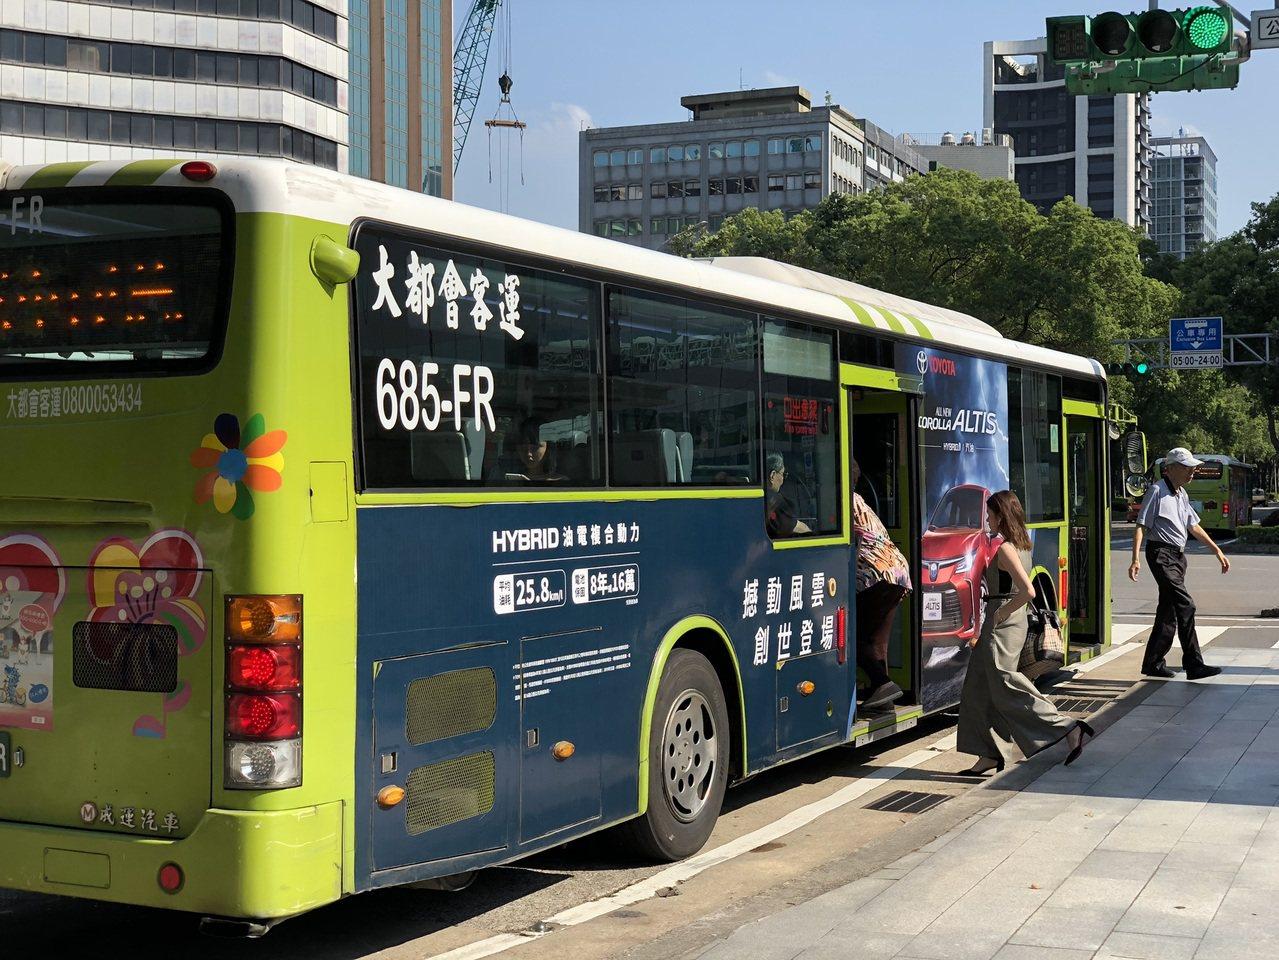 台北市現有15條公車專用道,總長度近60公里,今、明兩年還要增設、延長兩處專用道...